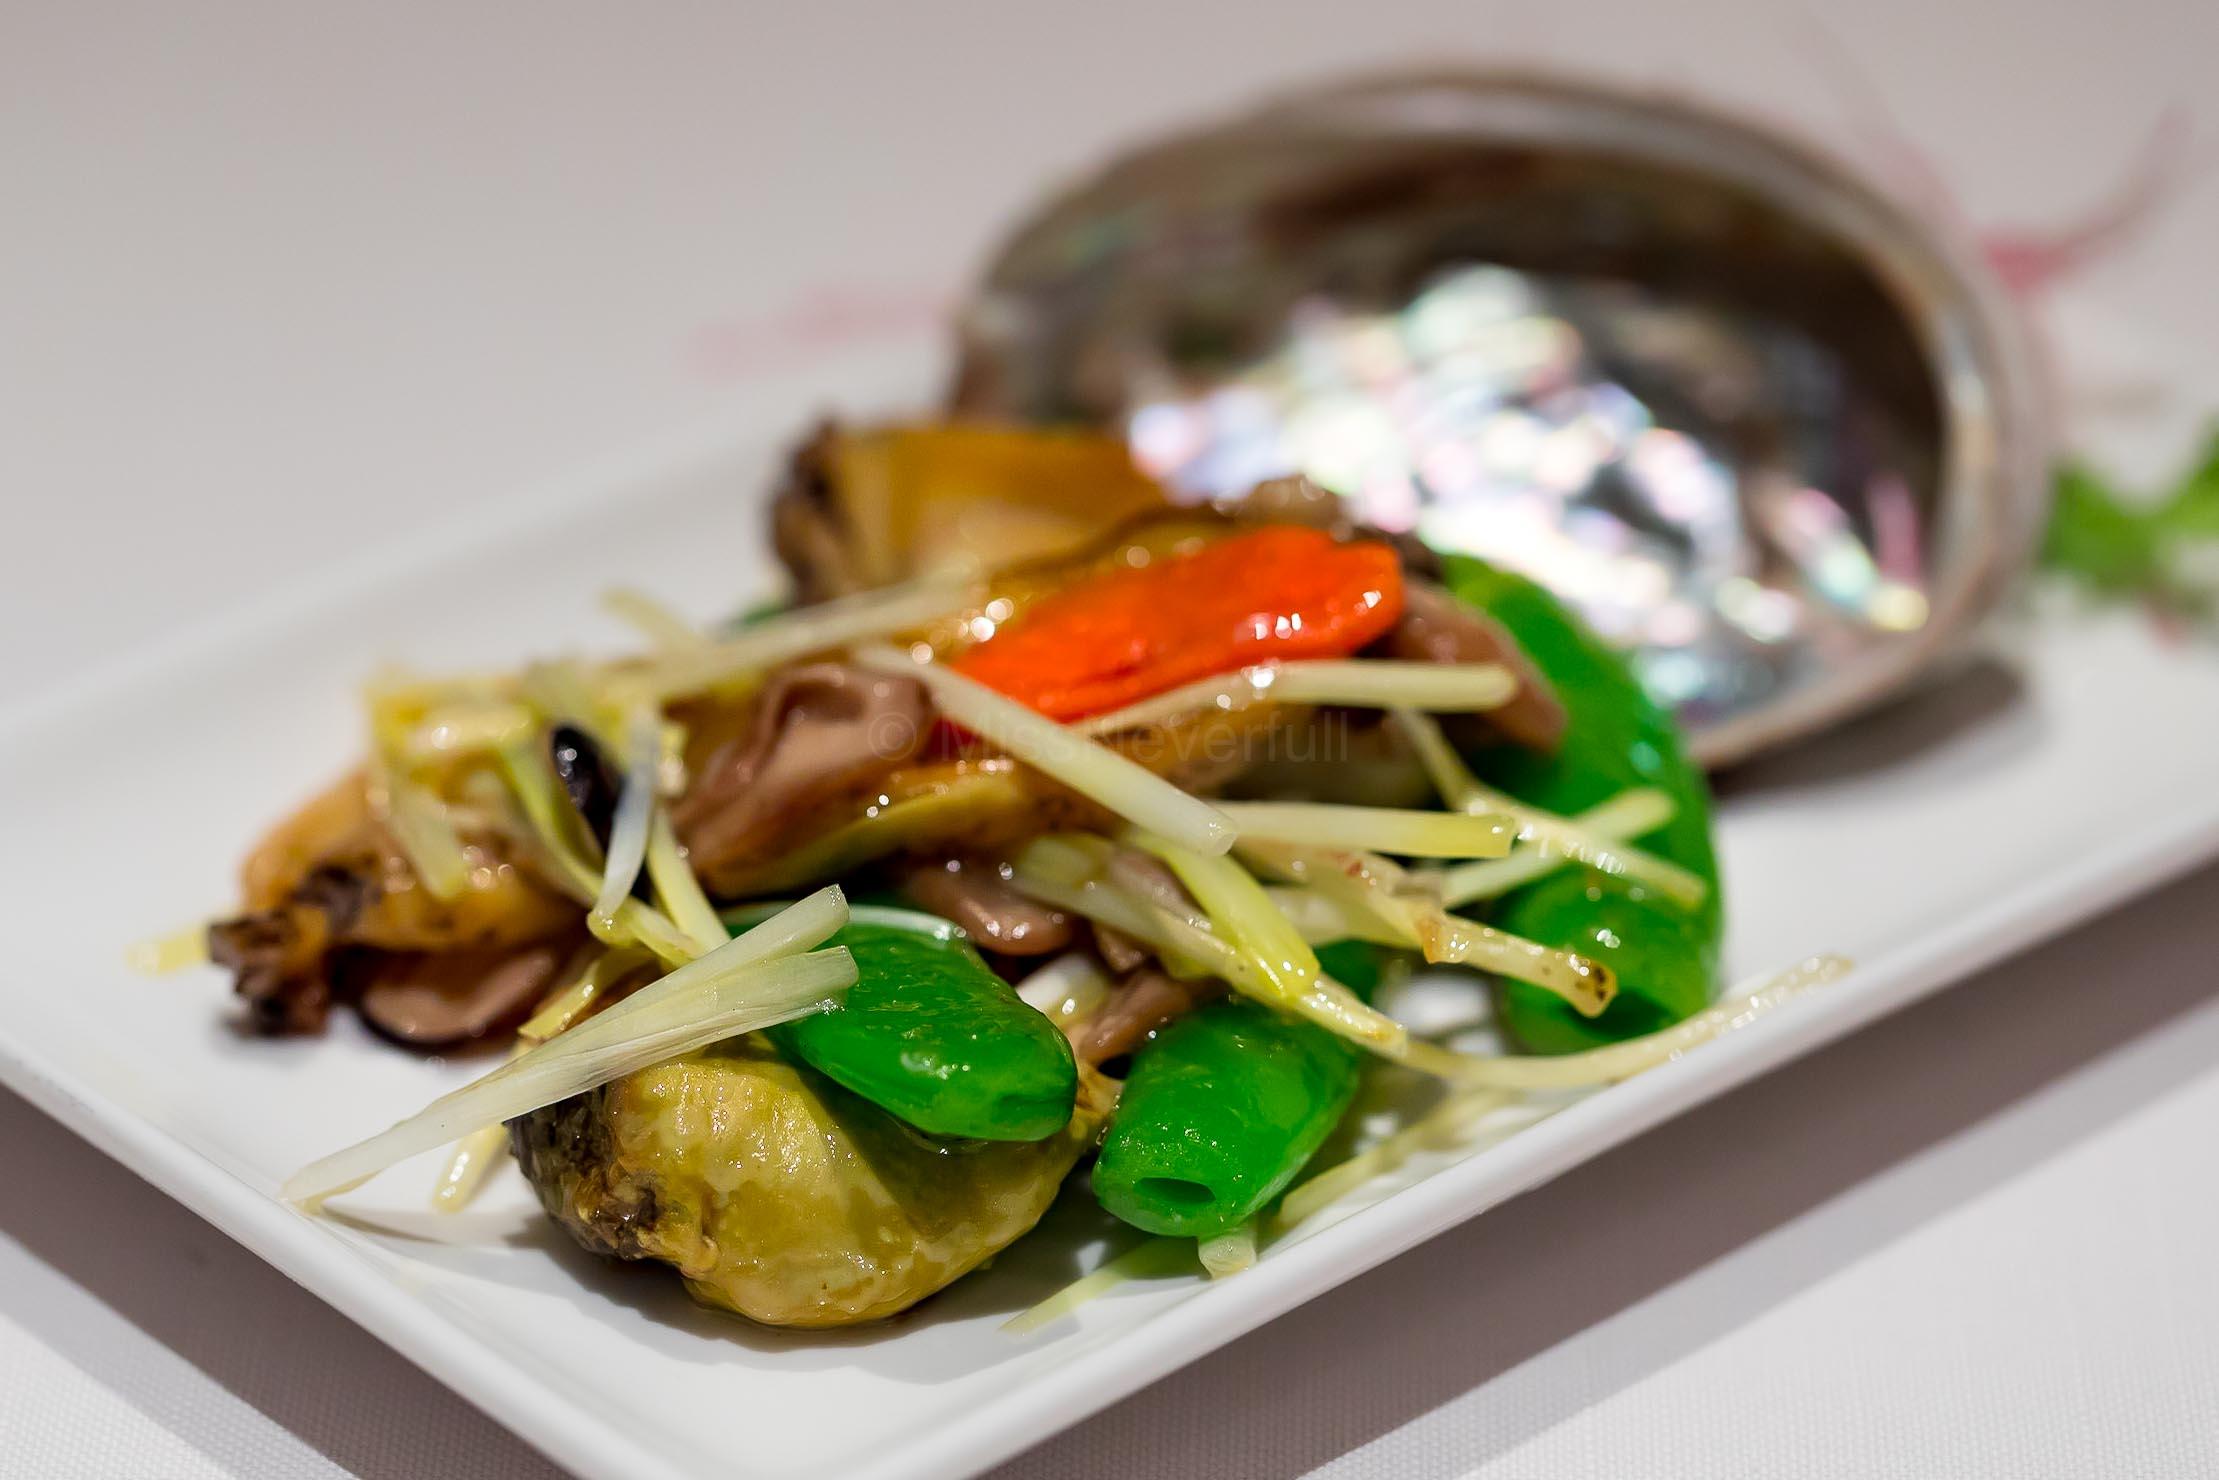 清炒鮮海螺 Stir-fried Sea Whelk and Vegetables (JPY 2,214)